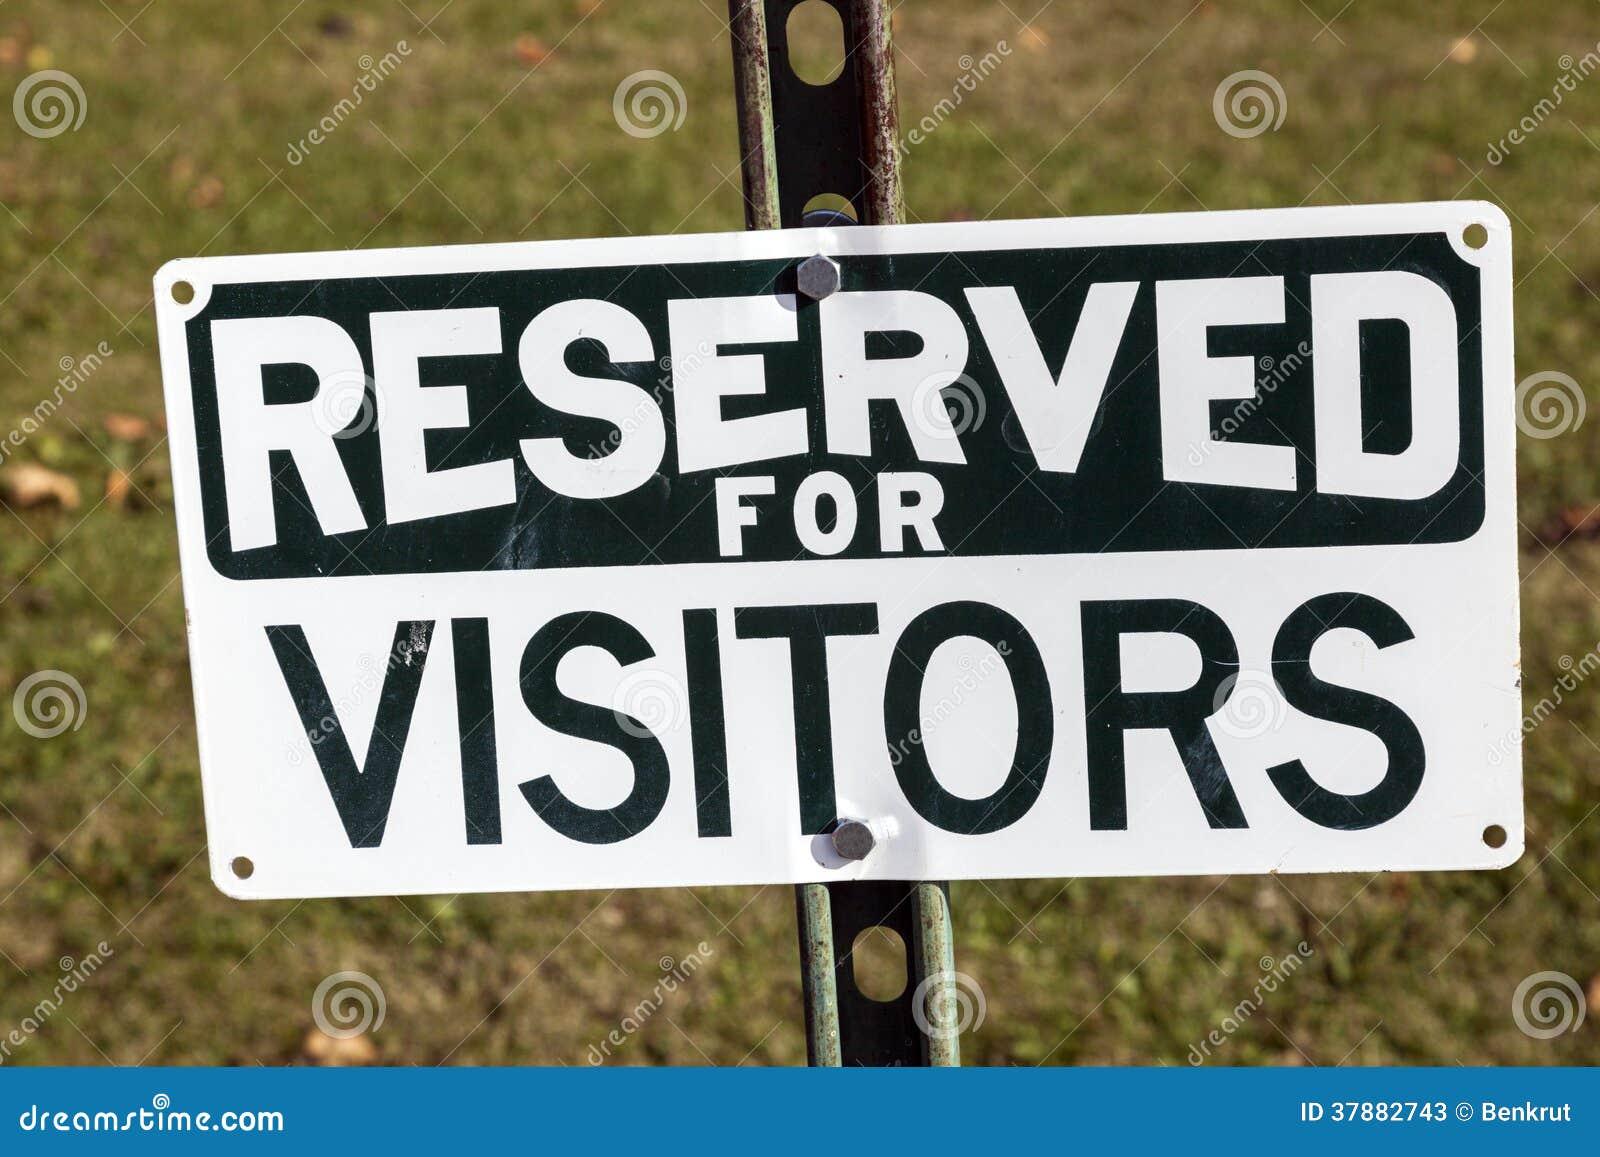 Gereserveerd voor bezoekers